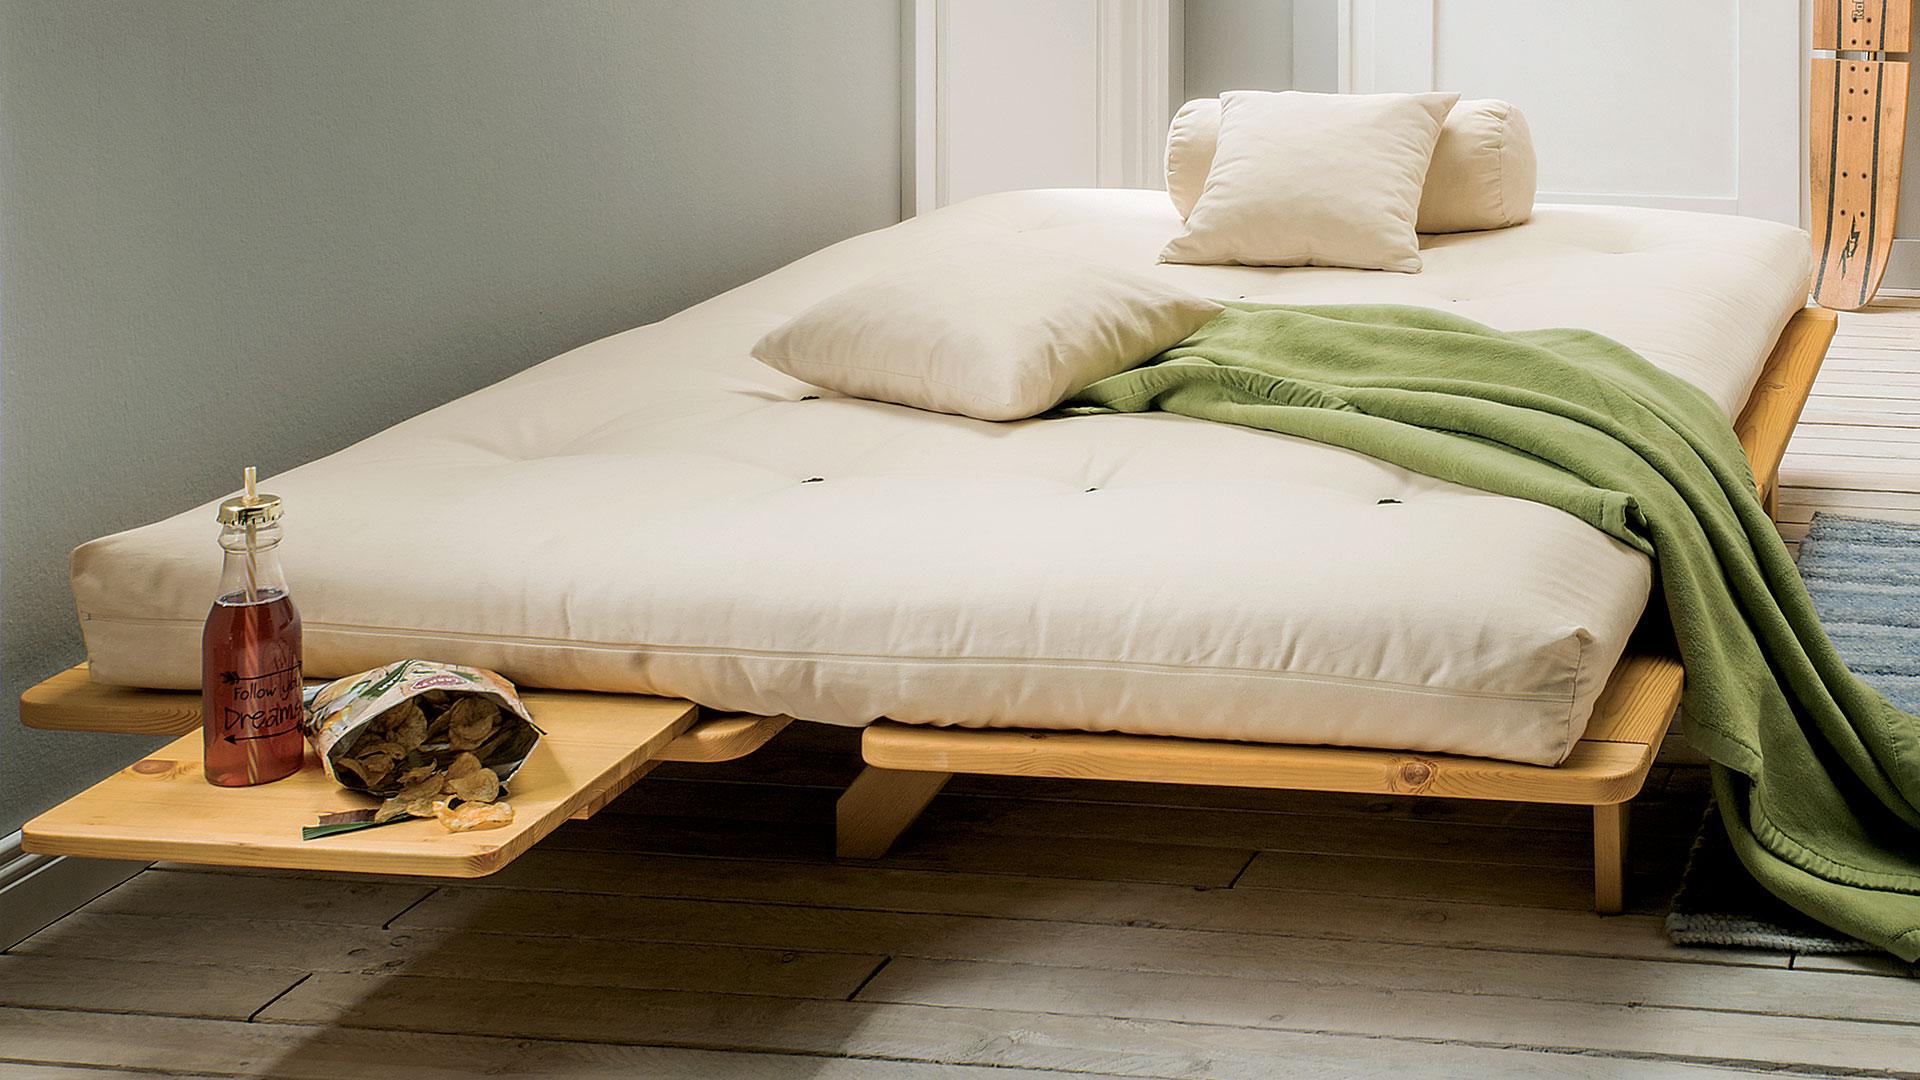 Full Size of Japanische Betten Futon Matratze Suma Nashi Schlafkultur In Bio Qualitt Paradies Hohe Schlafzimmer Ausgefallene Mit Schubladen Boxspring Stauraum 200x200 Bett Japanische Betten